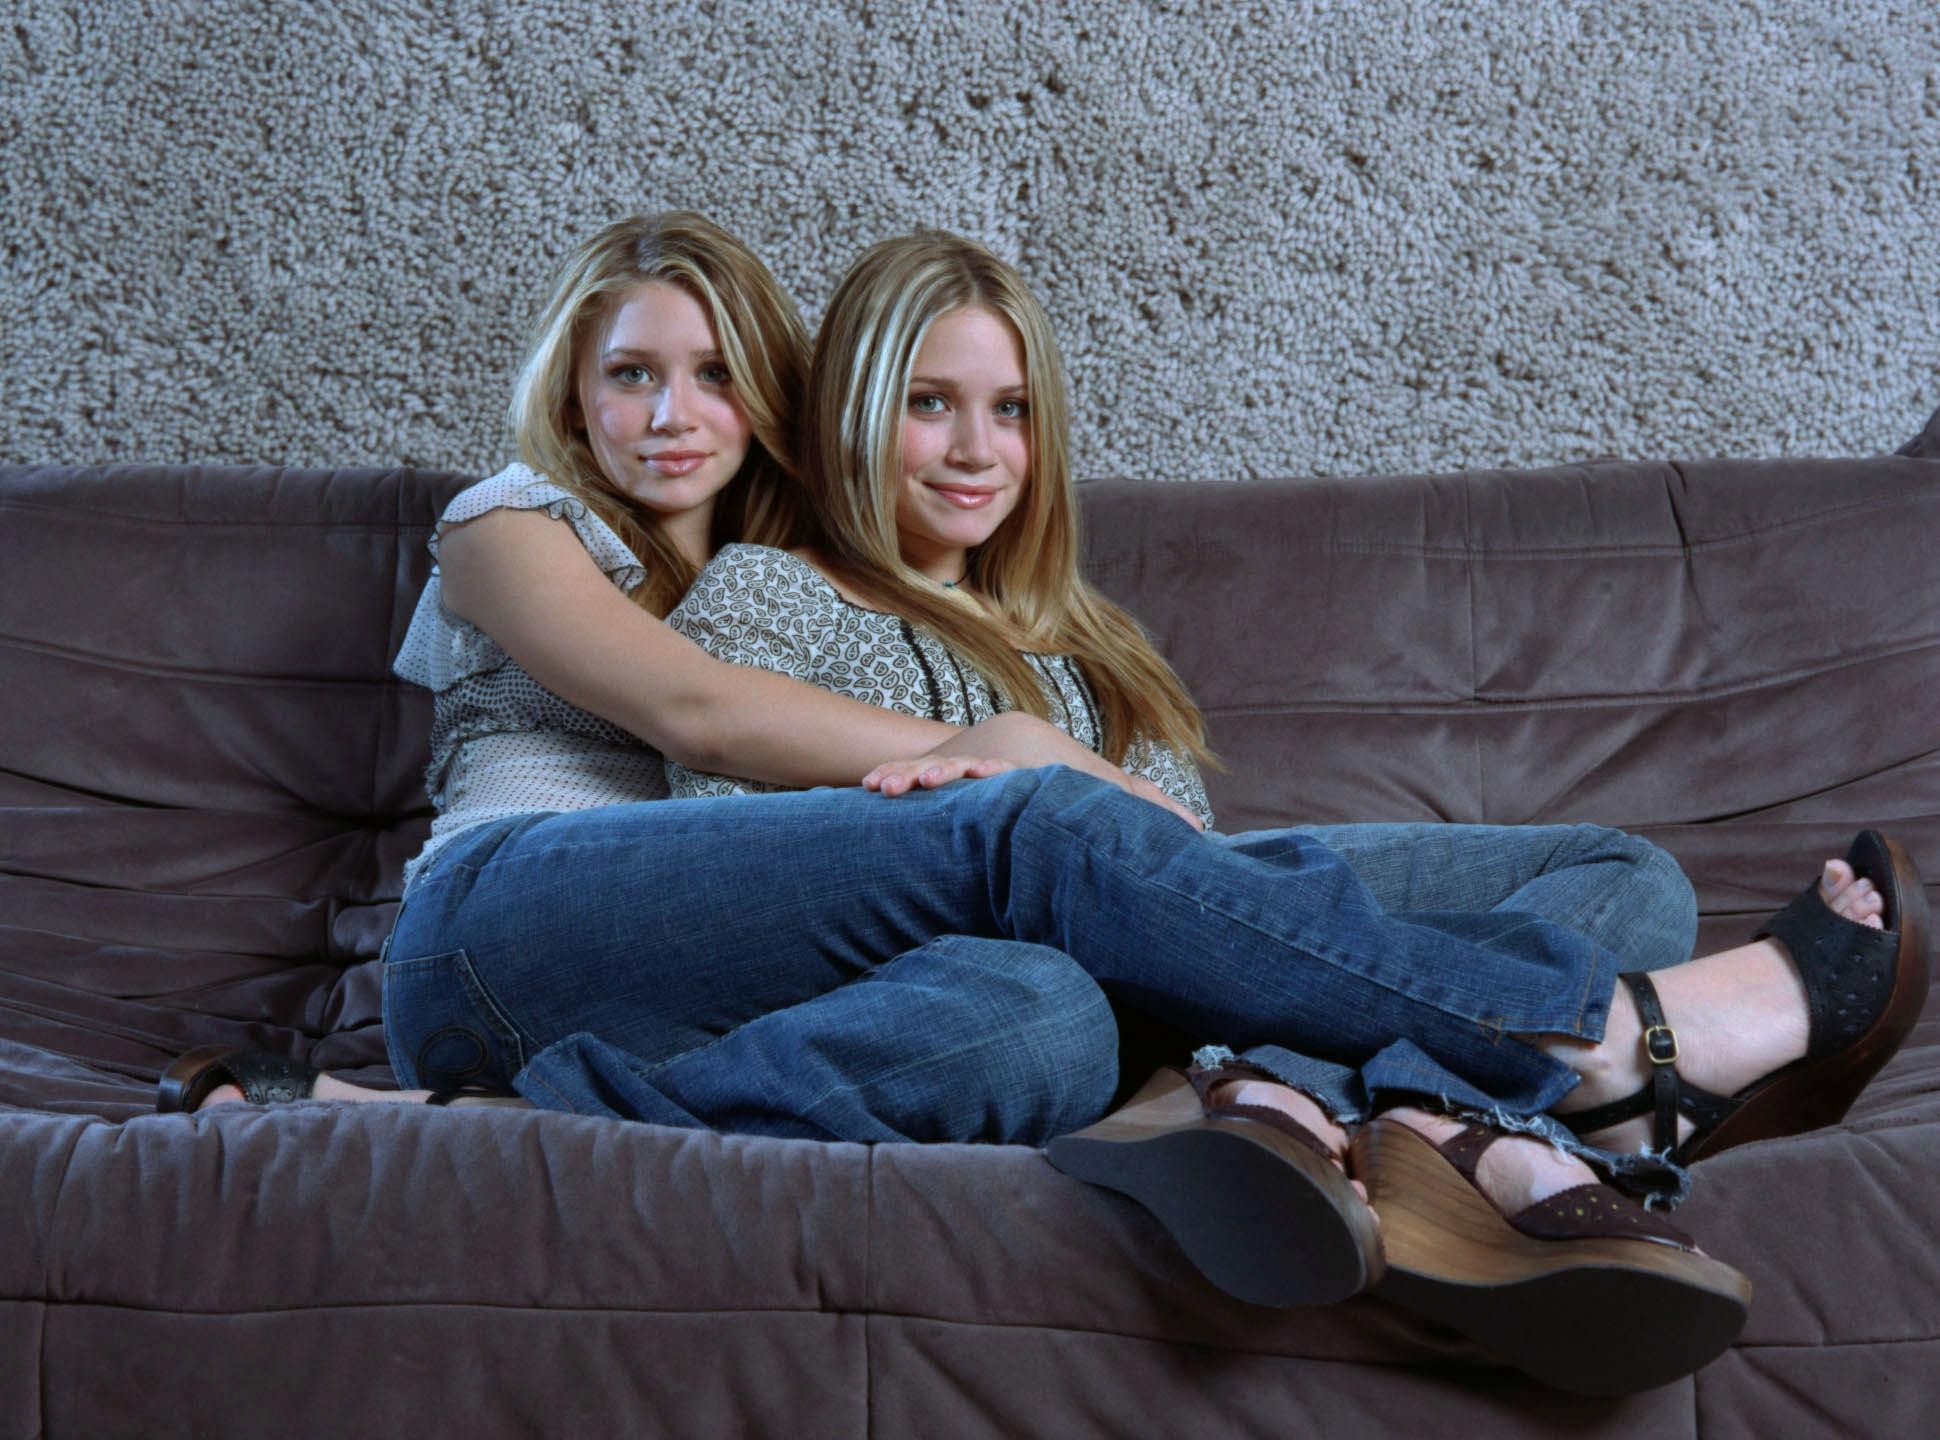 Сестра в джинсах фото 5 фотография